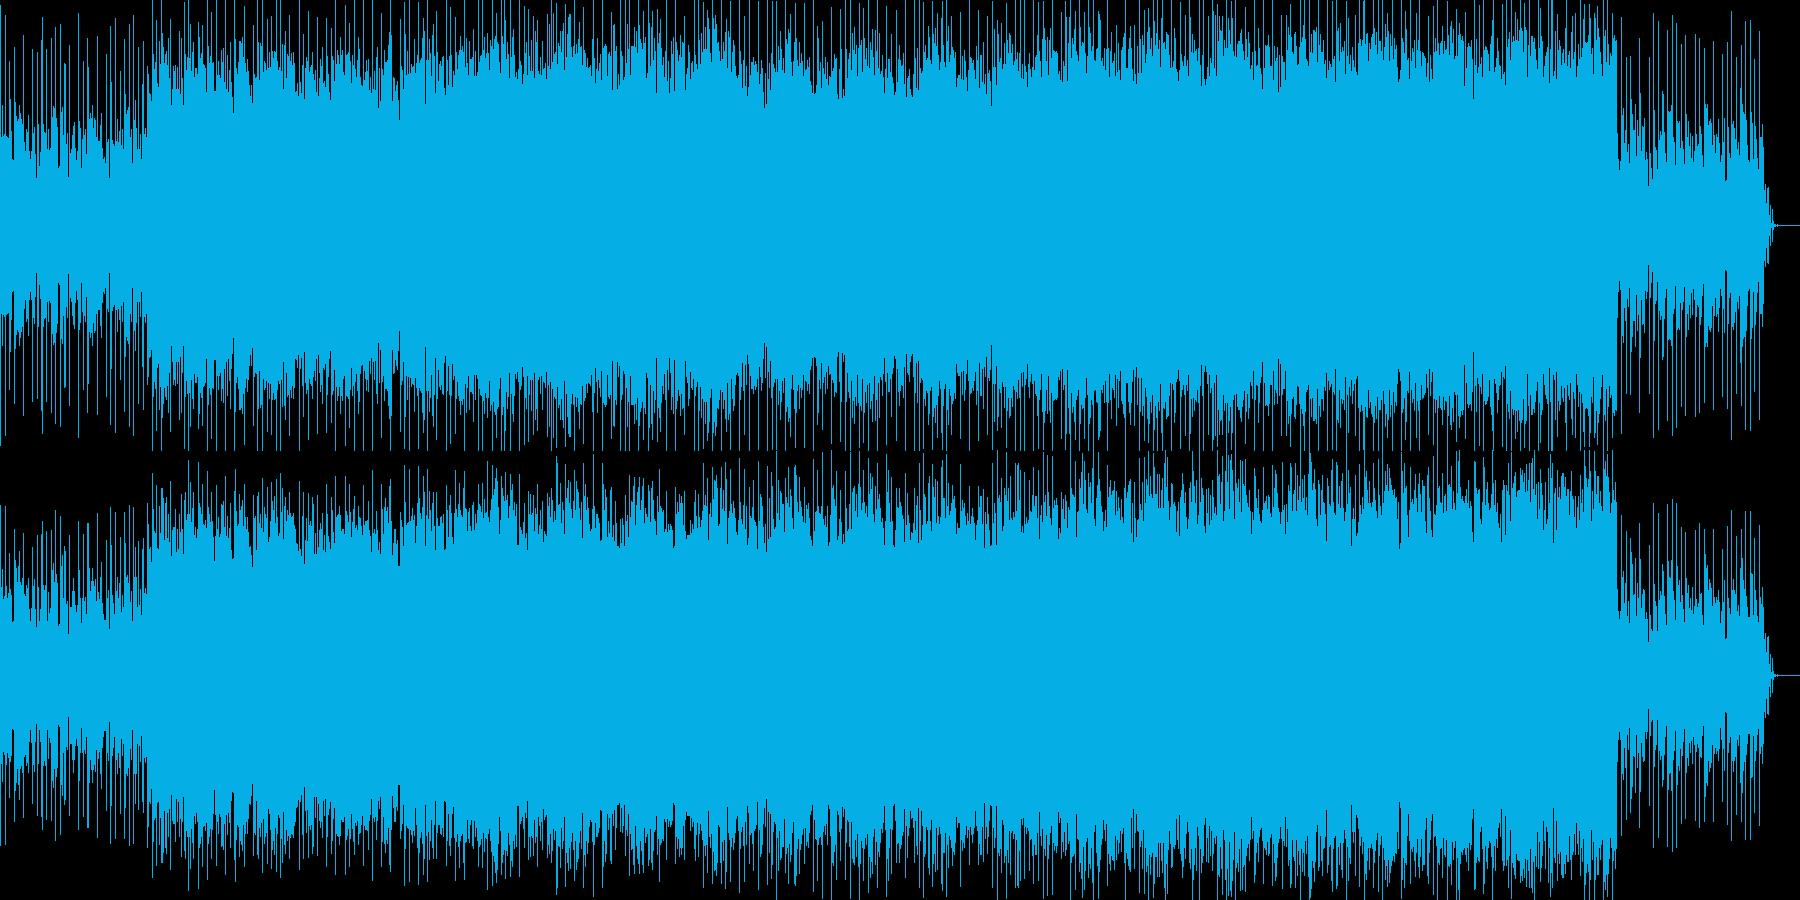 気怠く悲しく鳴り響くの再生済みの波形